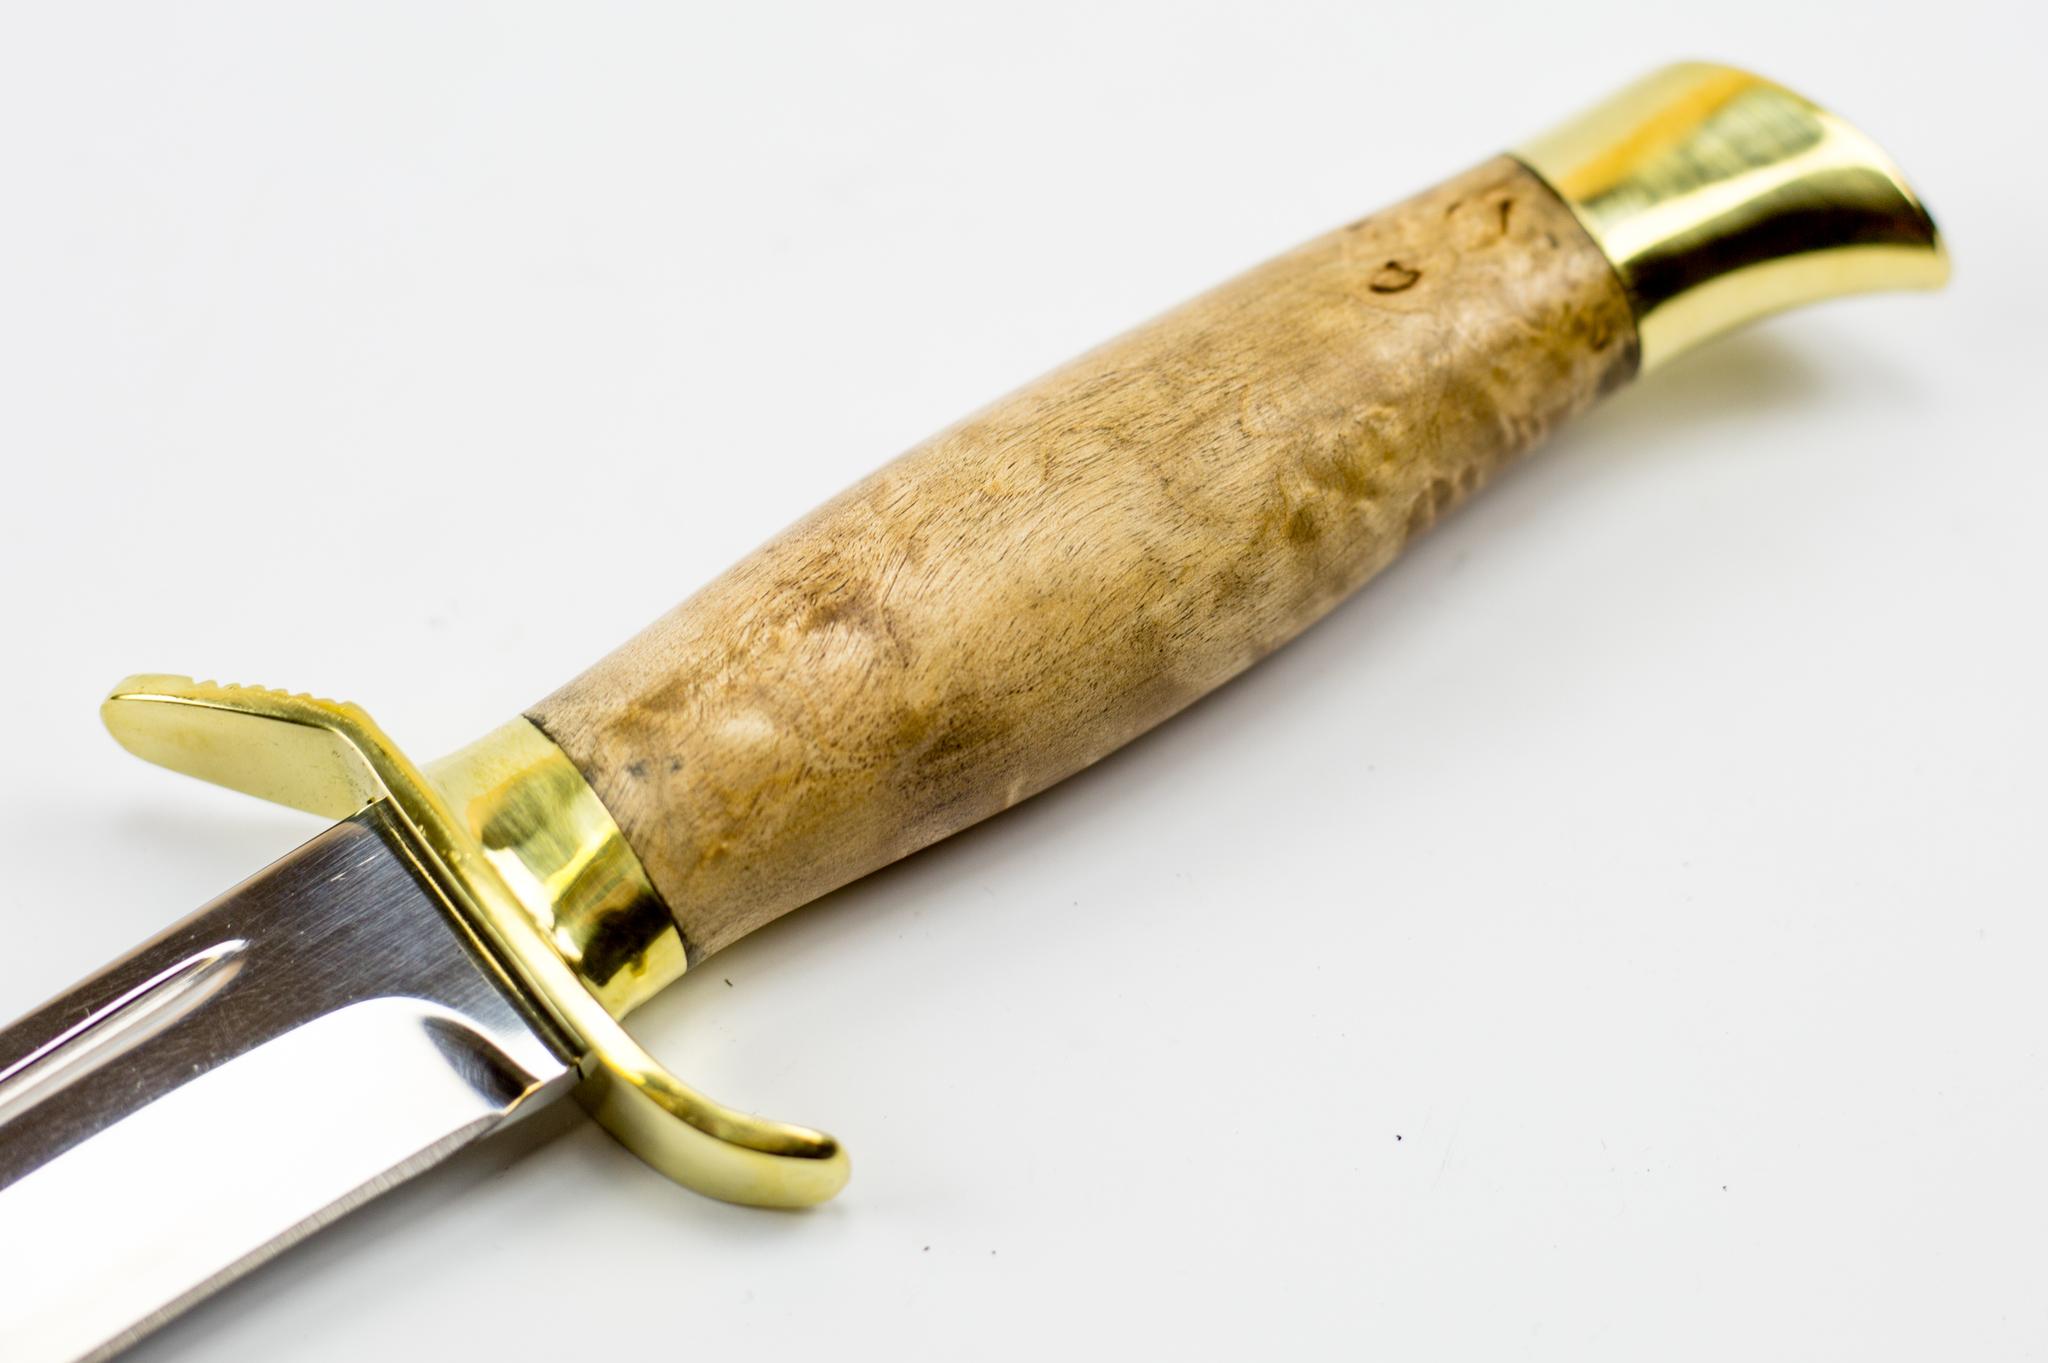 Фото 3 - Нож НР-40, карельская береза от Мастерская Климентьева